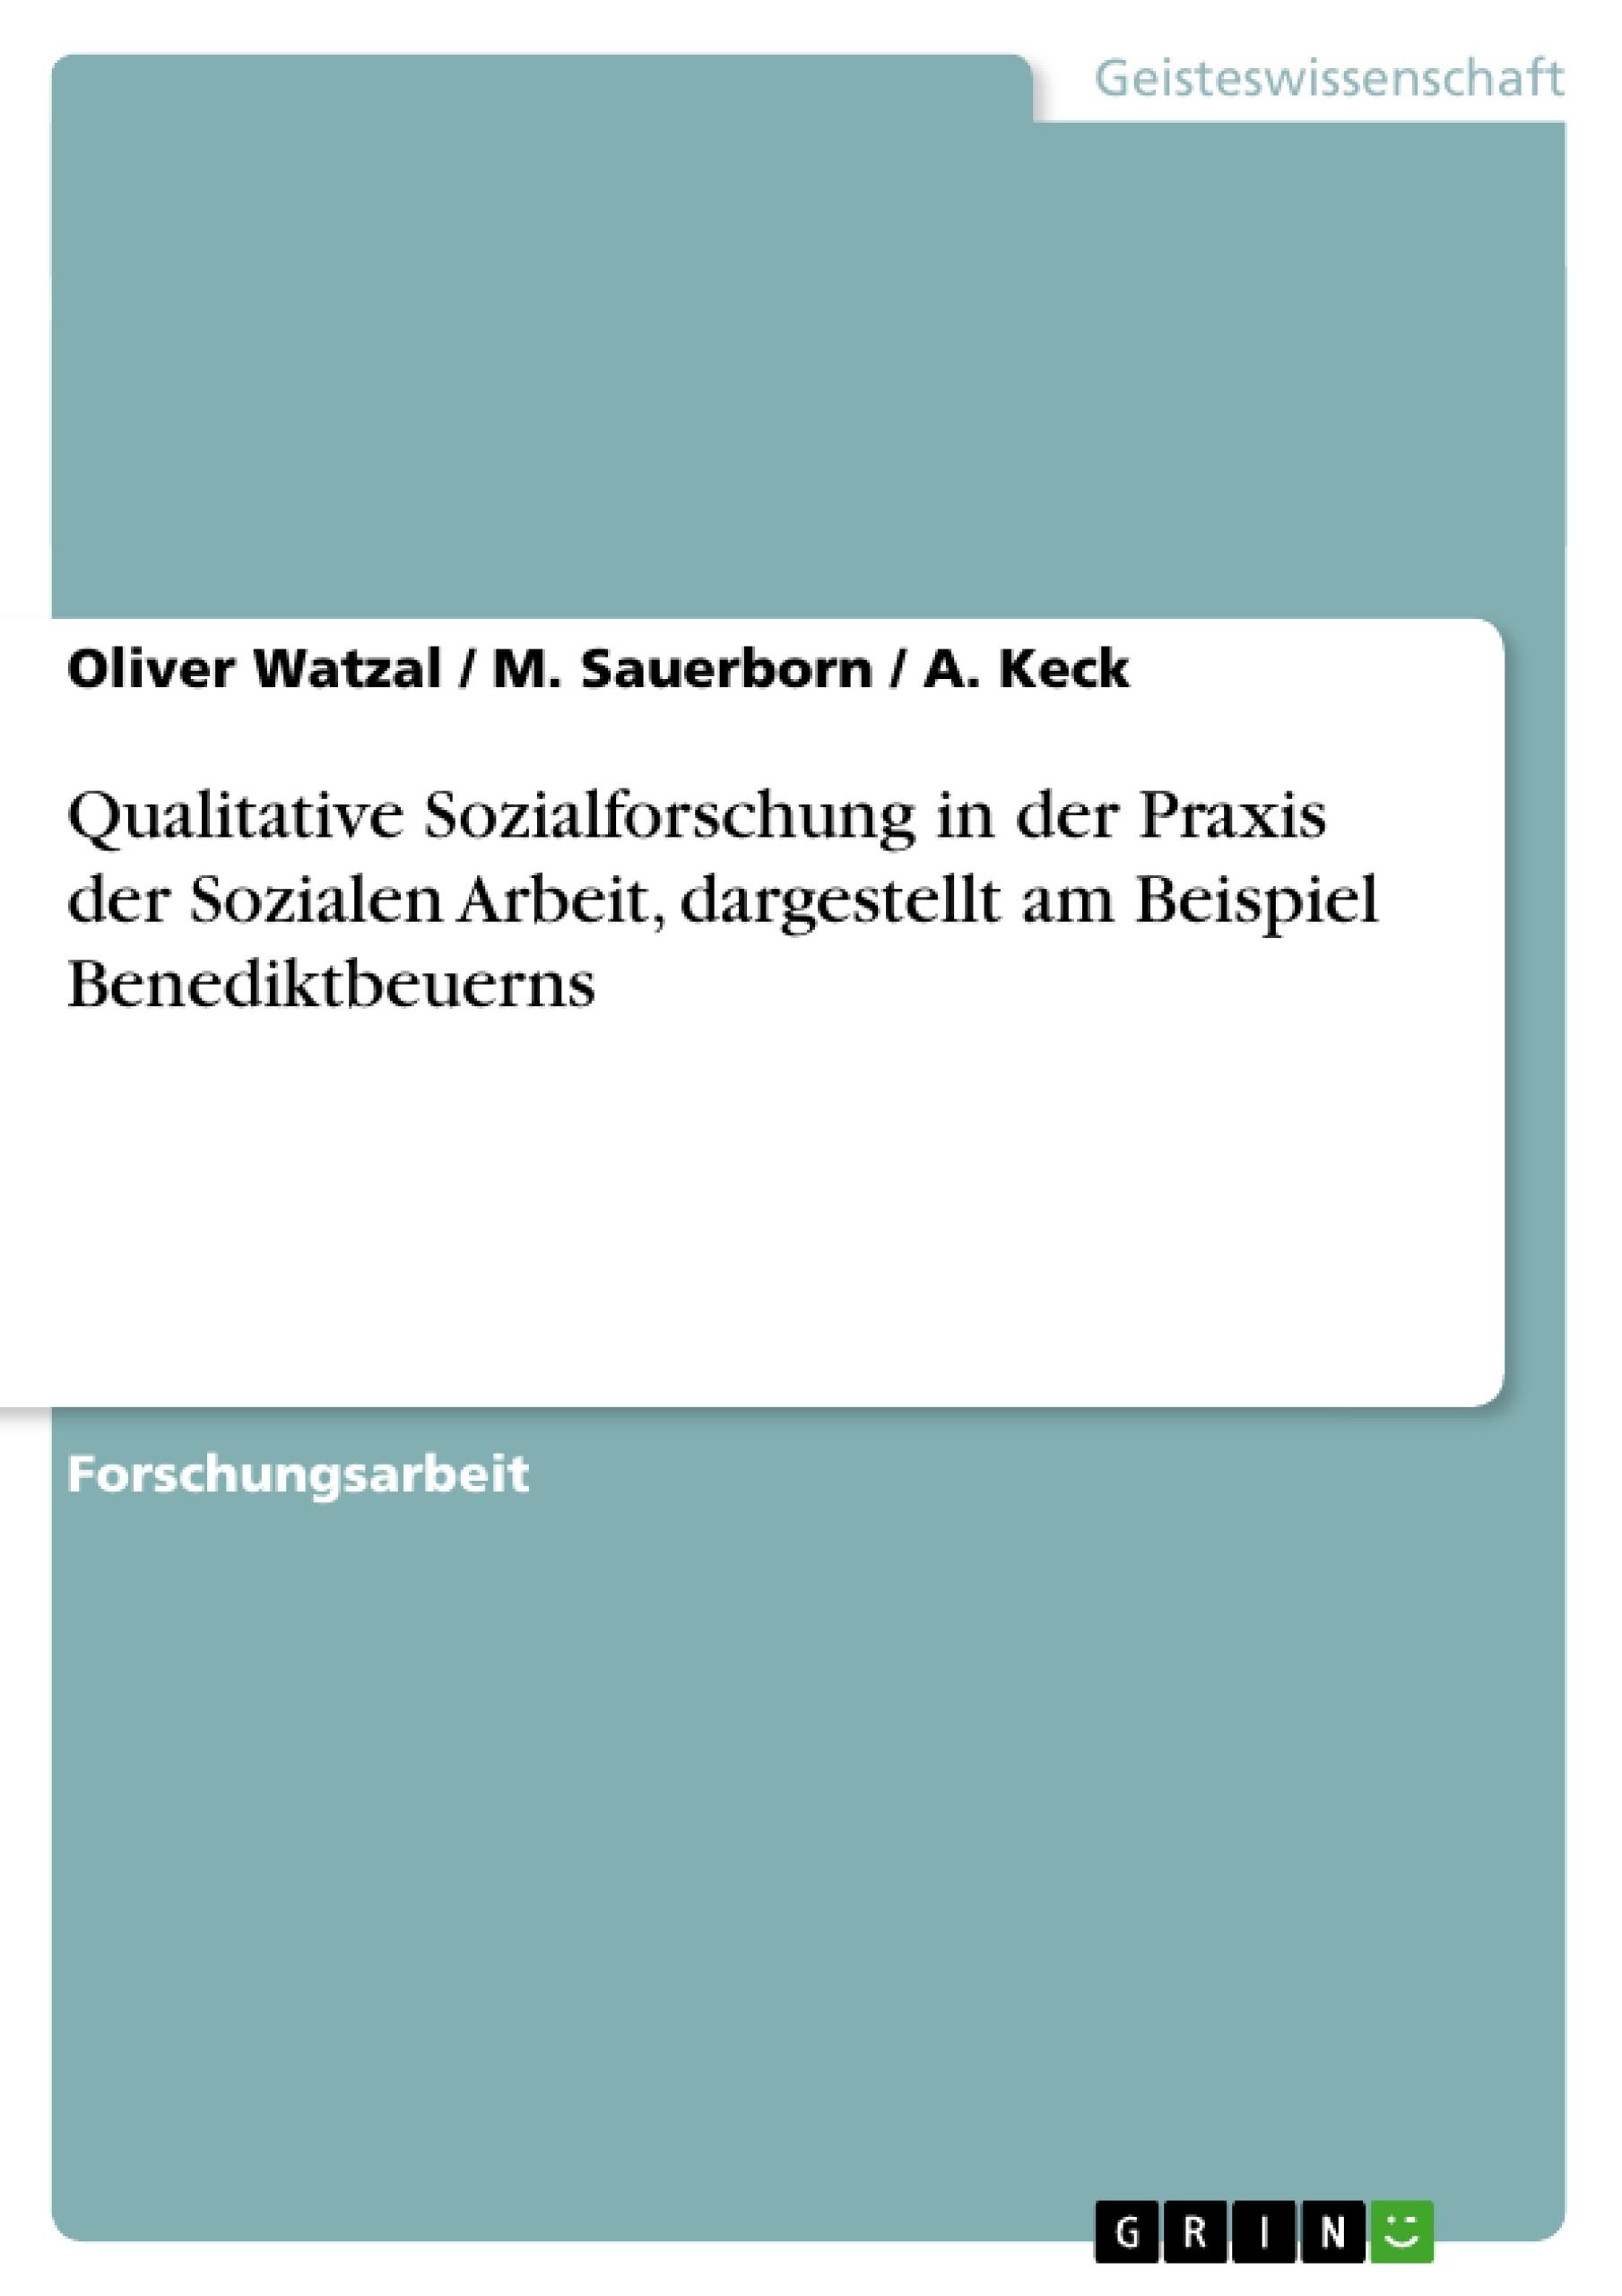 Titel: Qualitative Sozialforschung in der Praxis der Sozialen Arbeit, dargestellt am Beispiel Benediktbeuerns